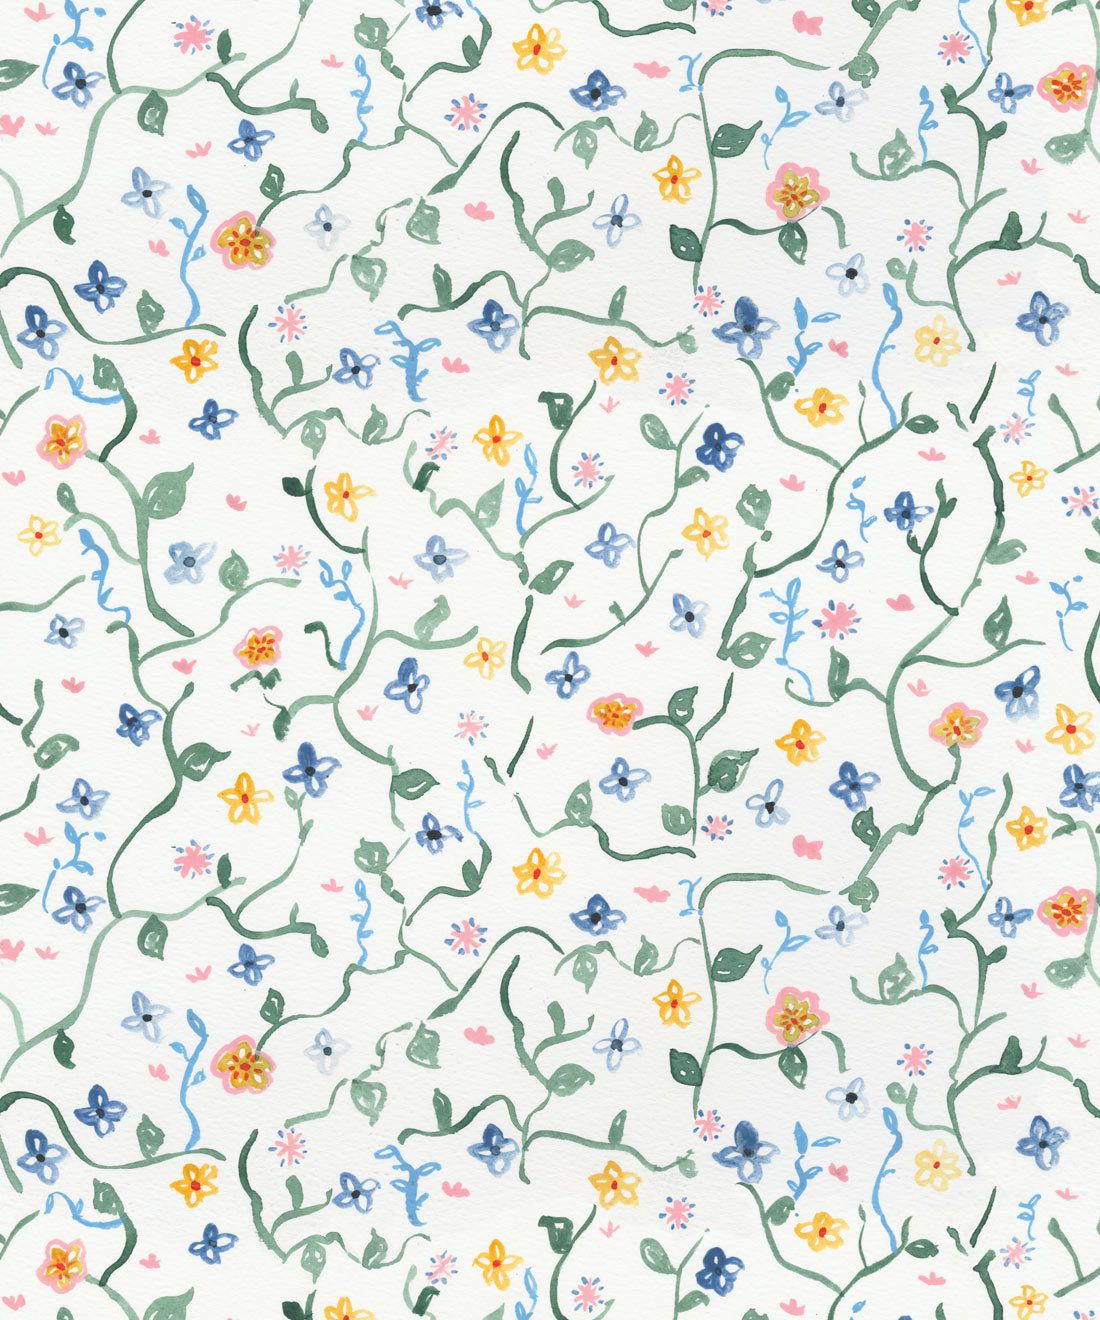 Wild Garden • Dainty Floral Wallpaper • Milton & King Australia •Georgia MacMillan